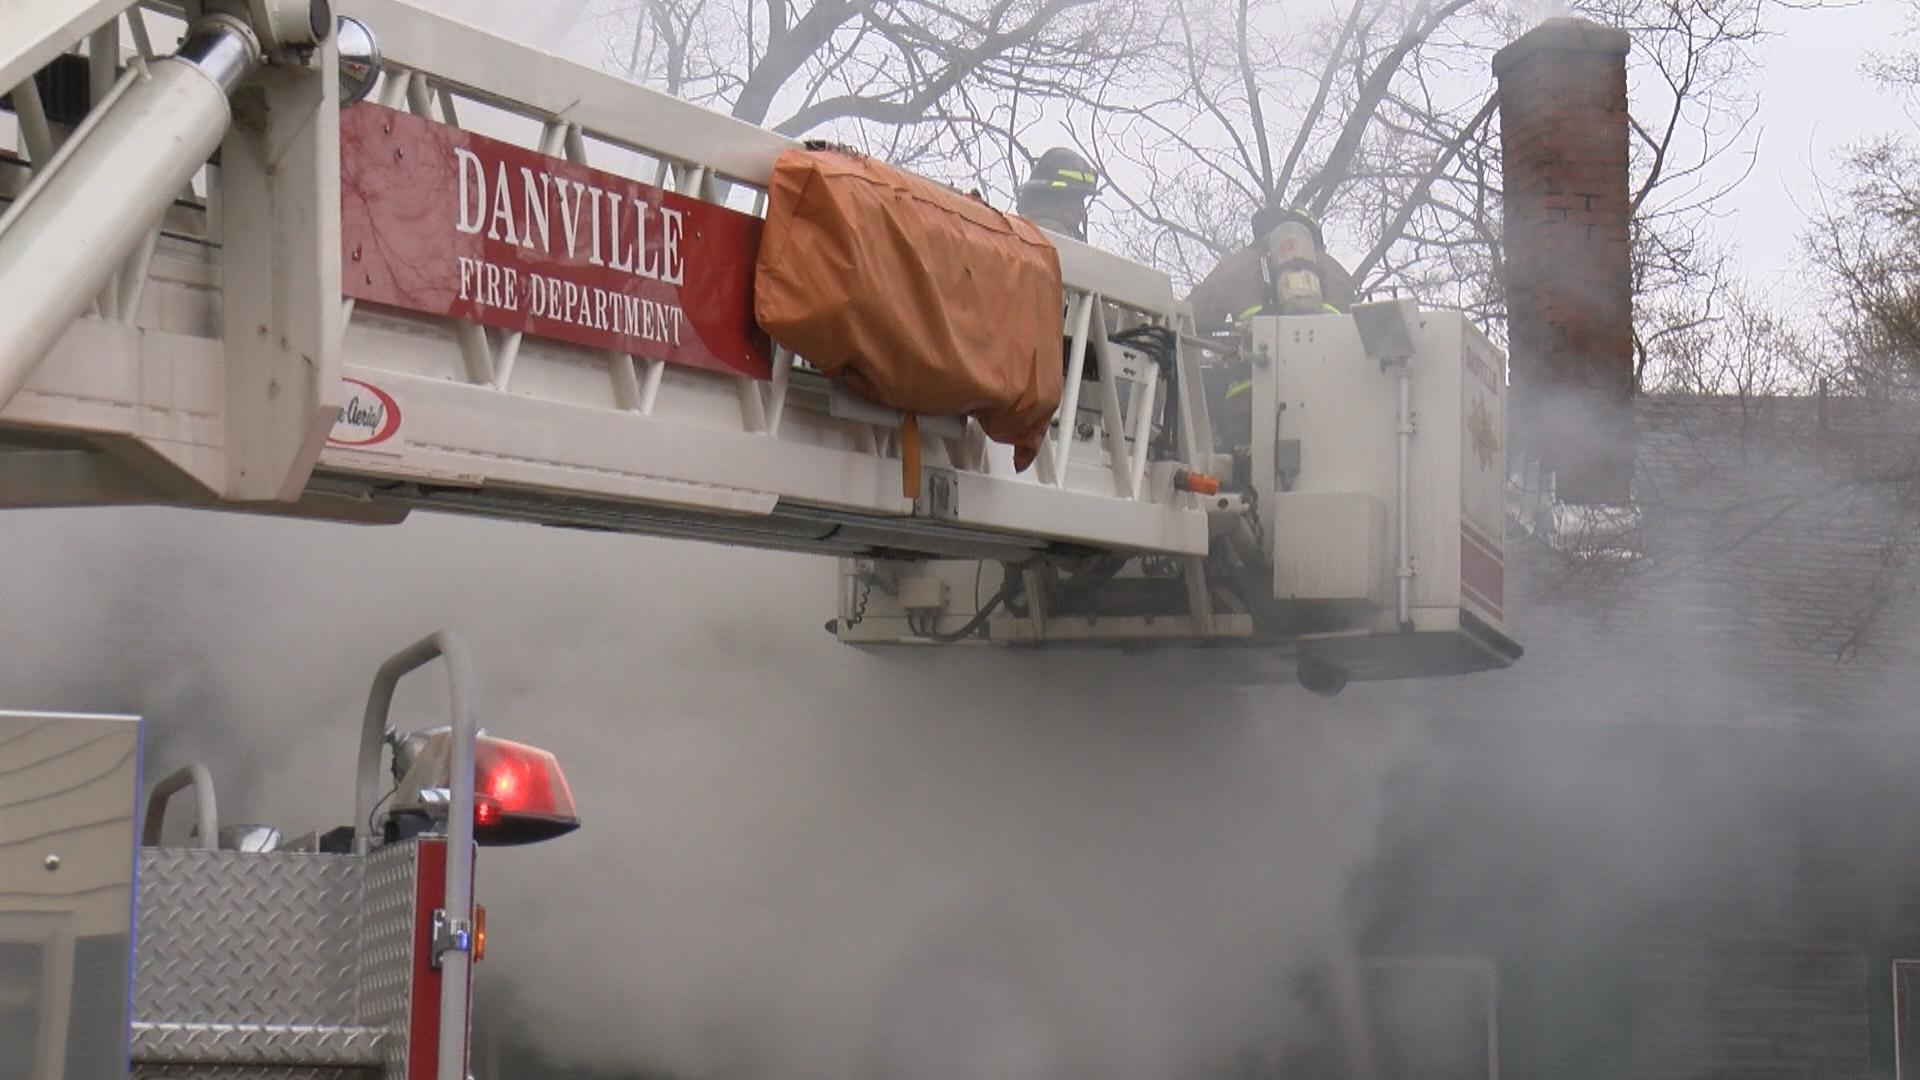 danville fire (1)_1522791773414.jpg.jpg